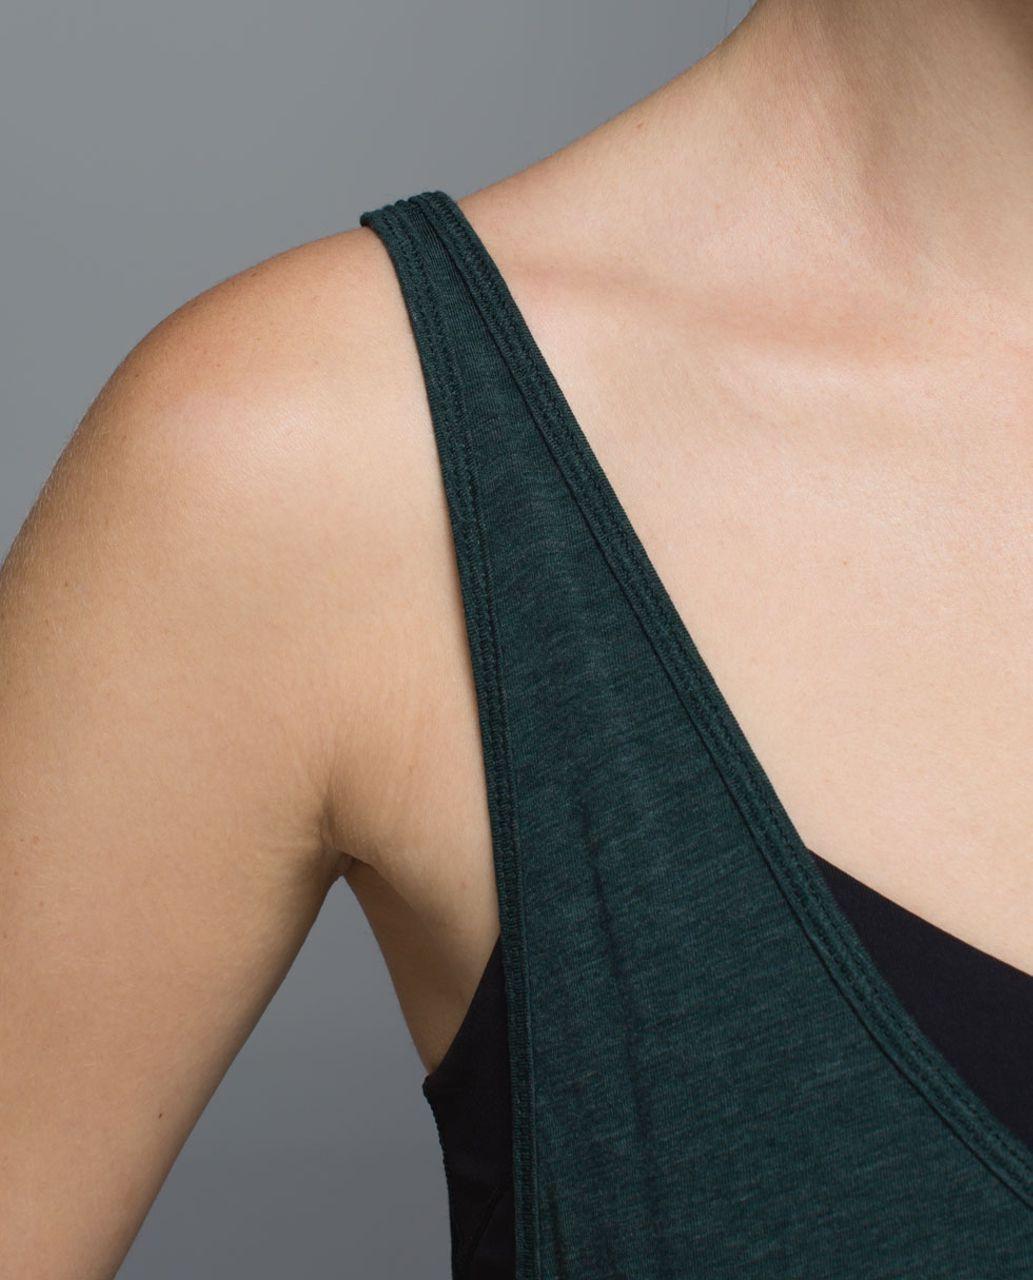 Lululemon Twist & Turn Tank - Heathered Fuel Green / Black